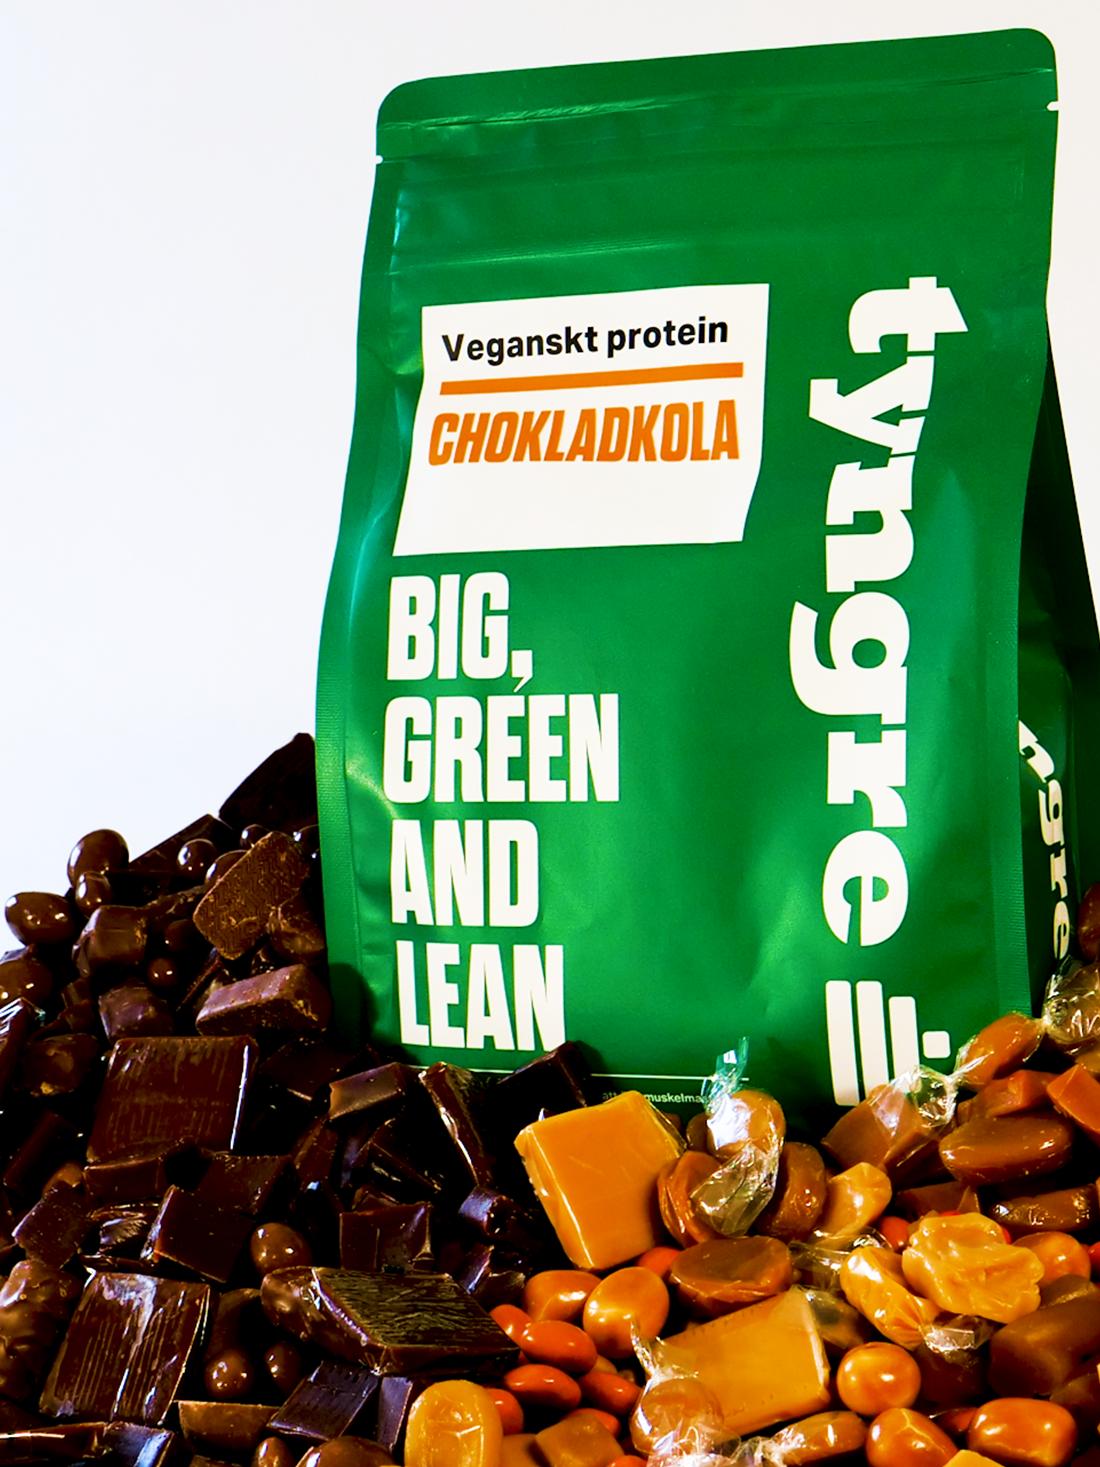 Veganskt Protein Chokladkola